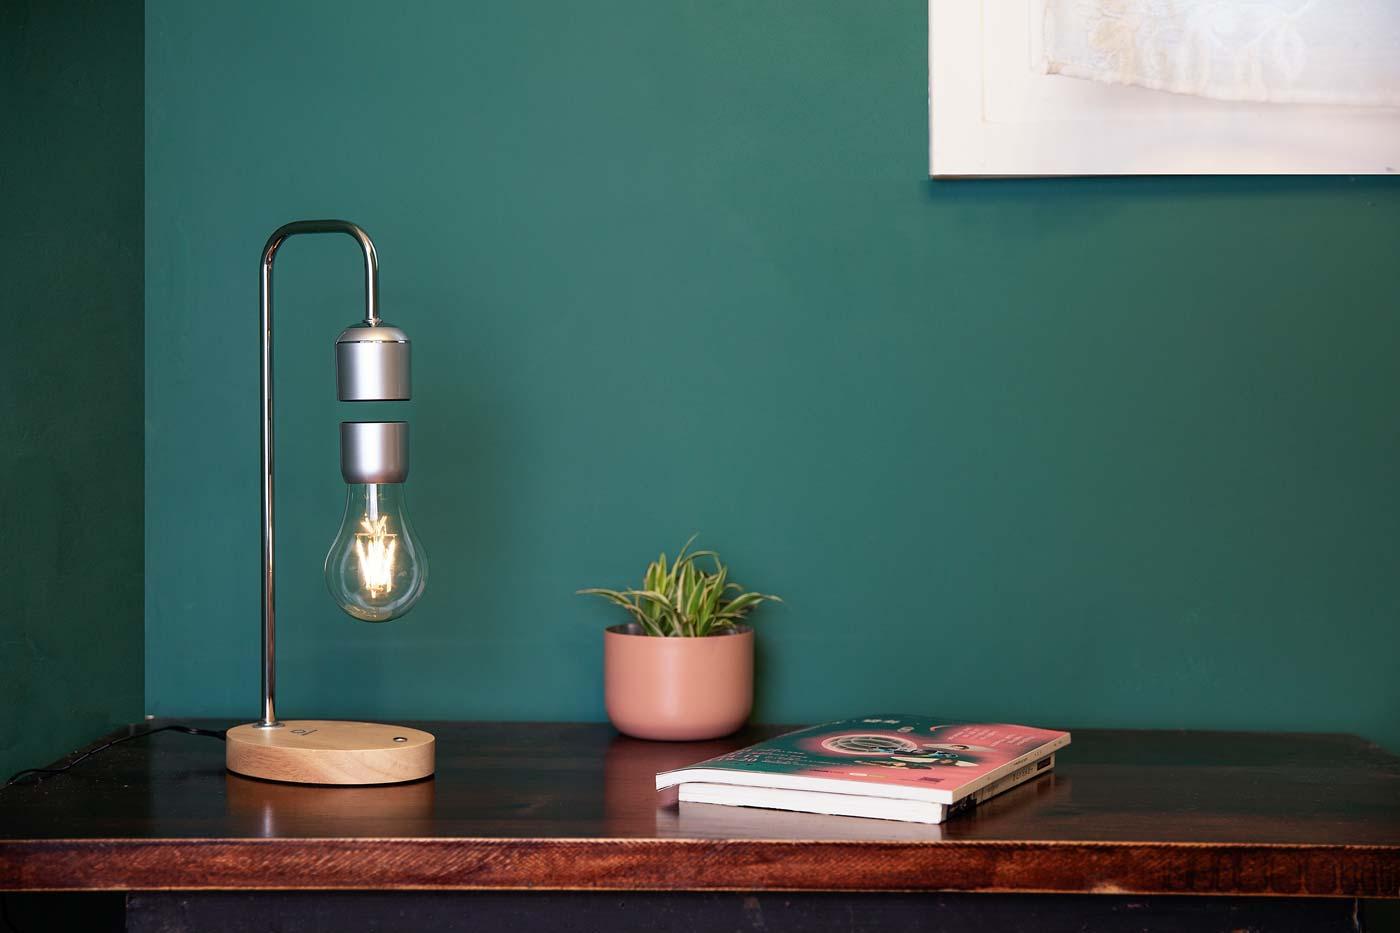 Levitating lamp pictures1